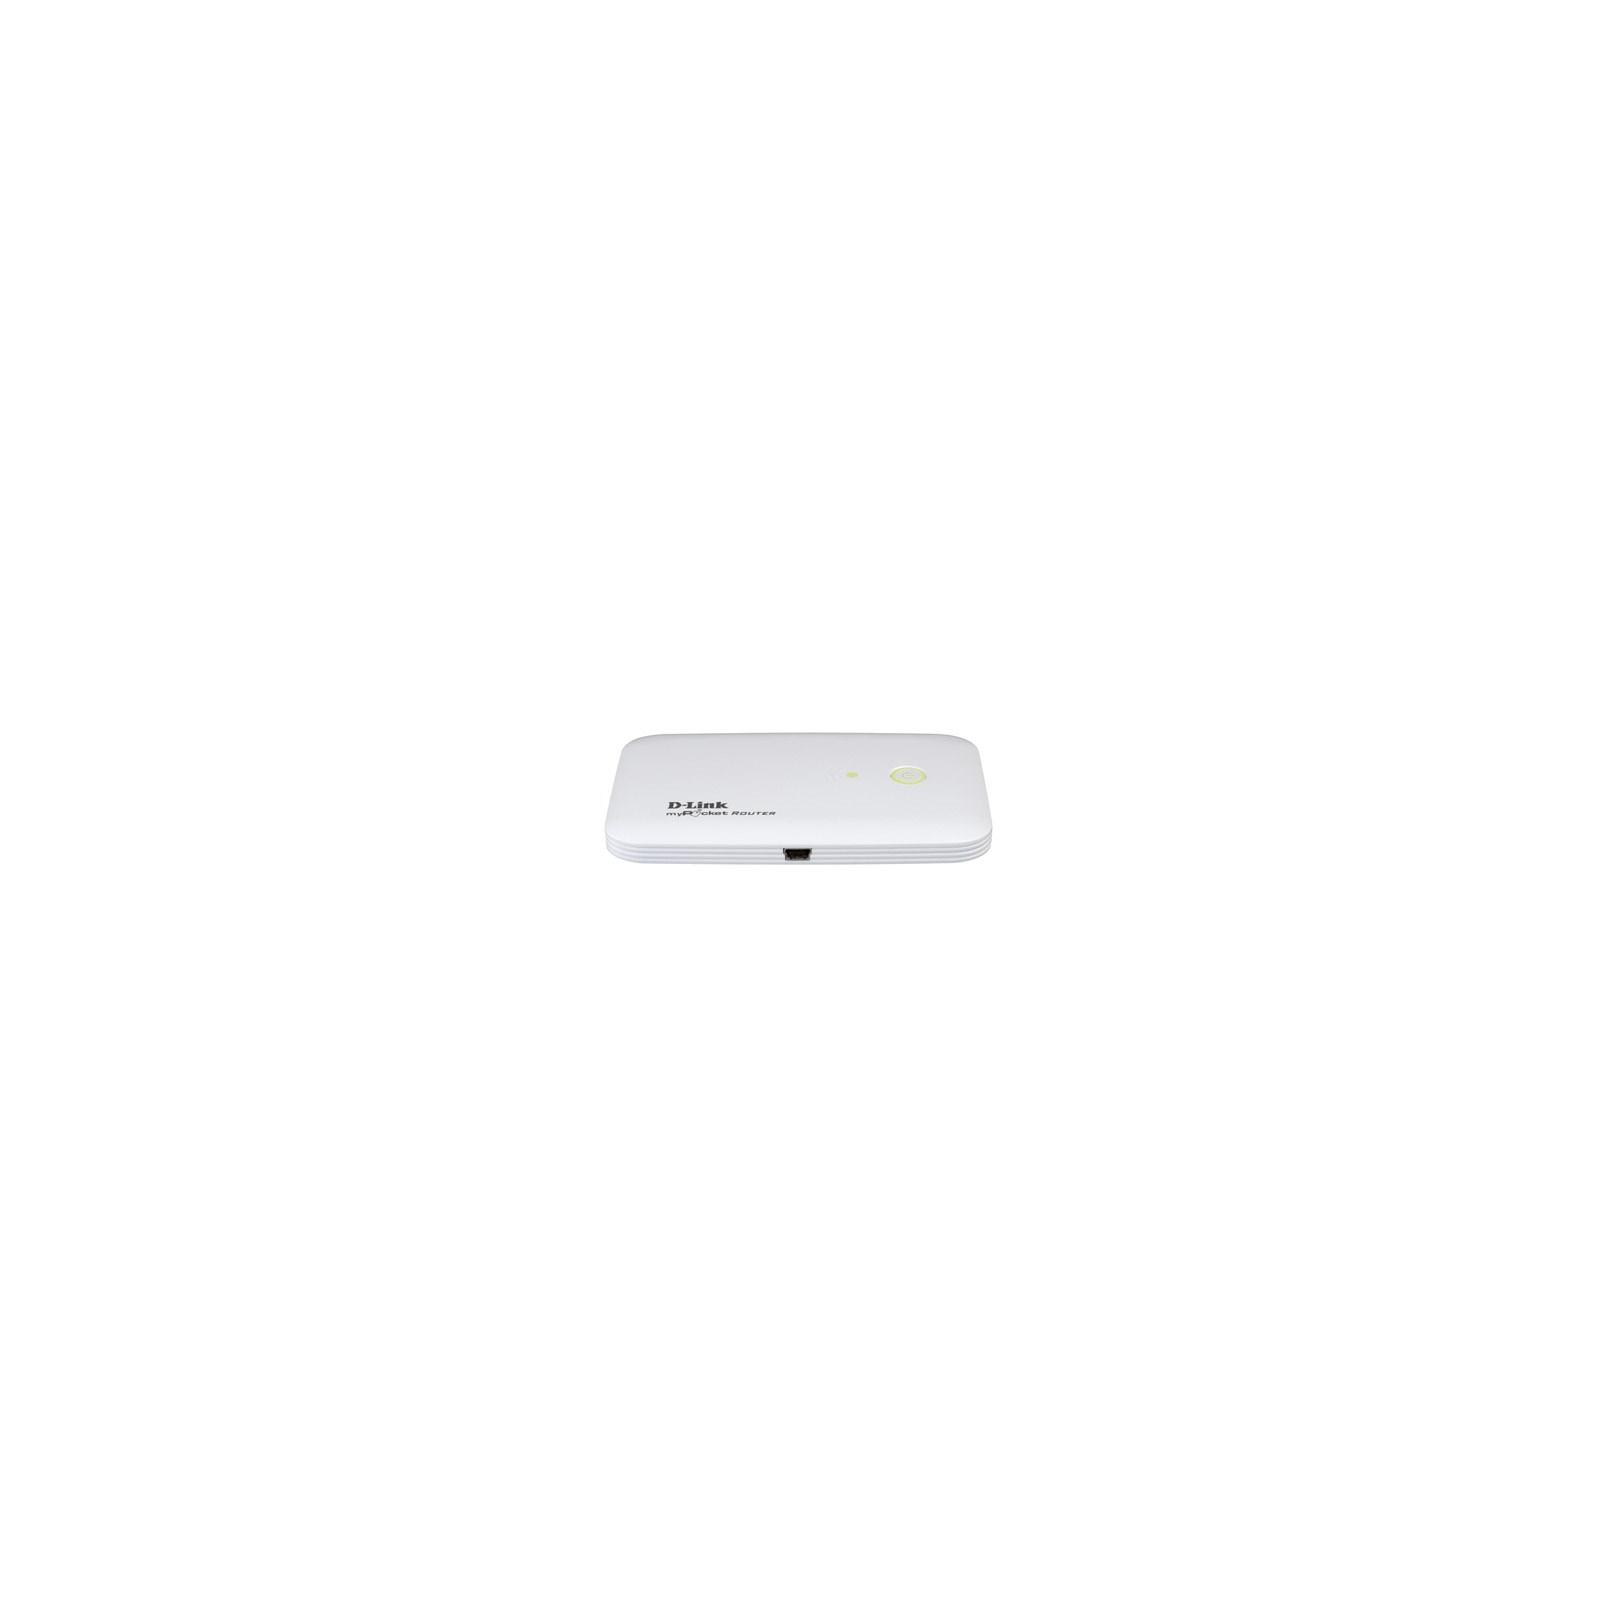 Маршрутизатор D-Link DIR-457